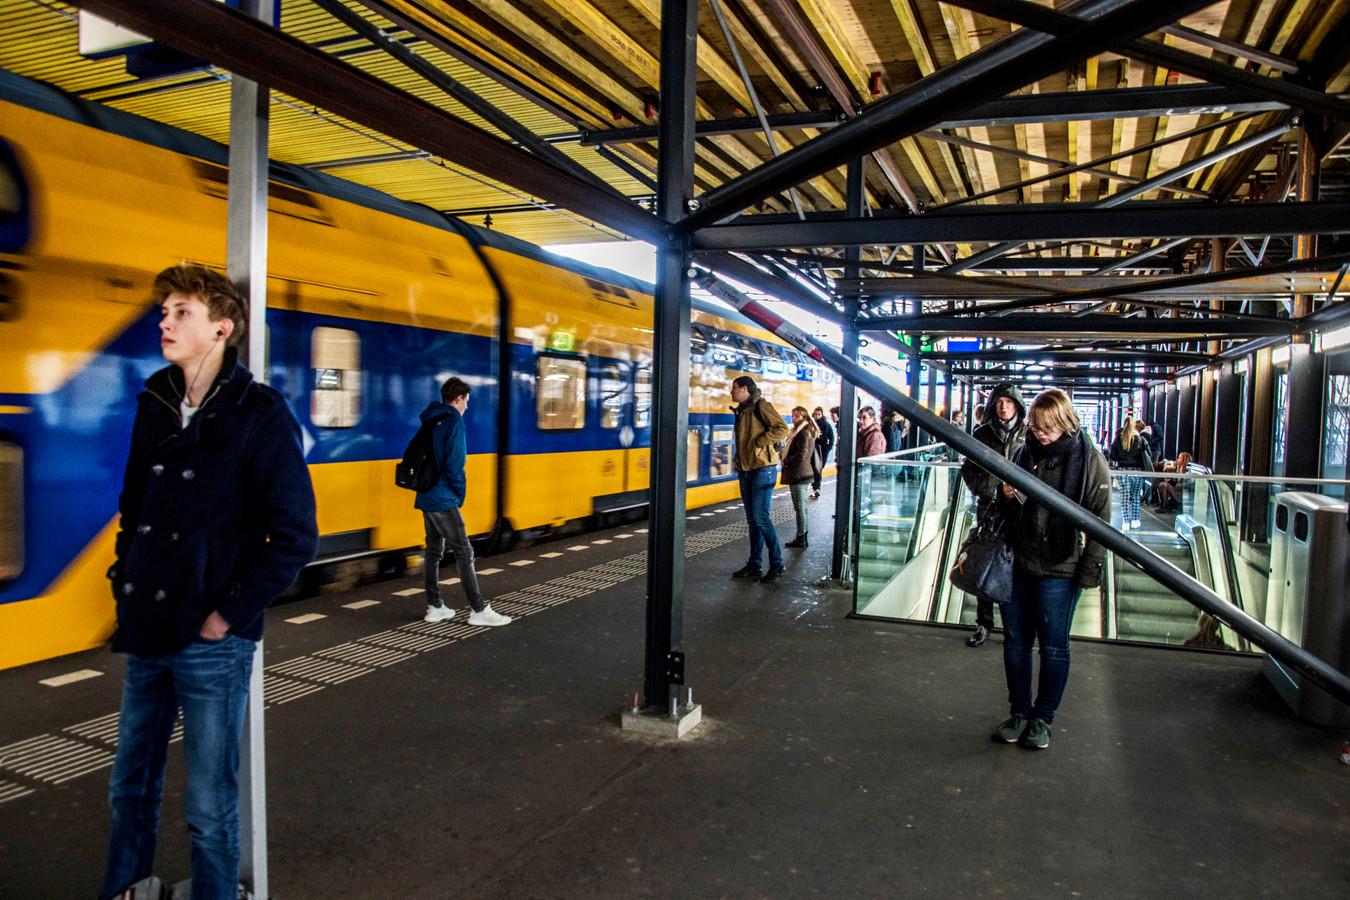 NS Station Tilburg opknappen, gepaard met ongemak voor reizigers